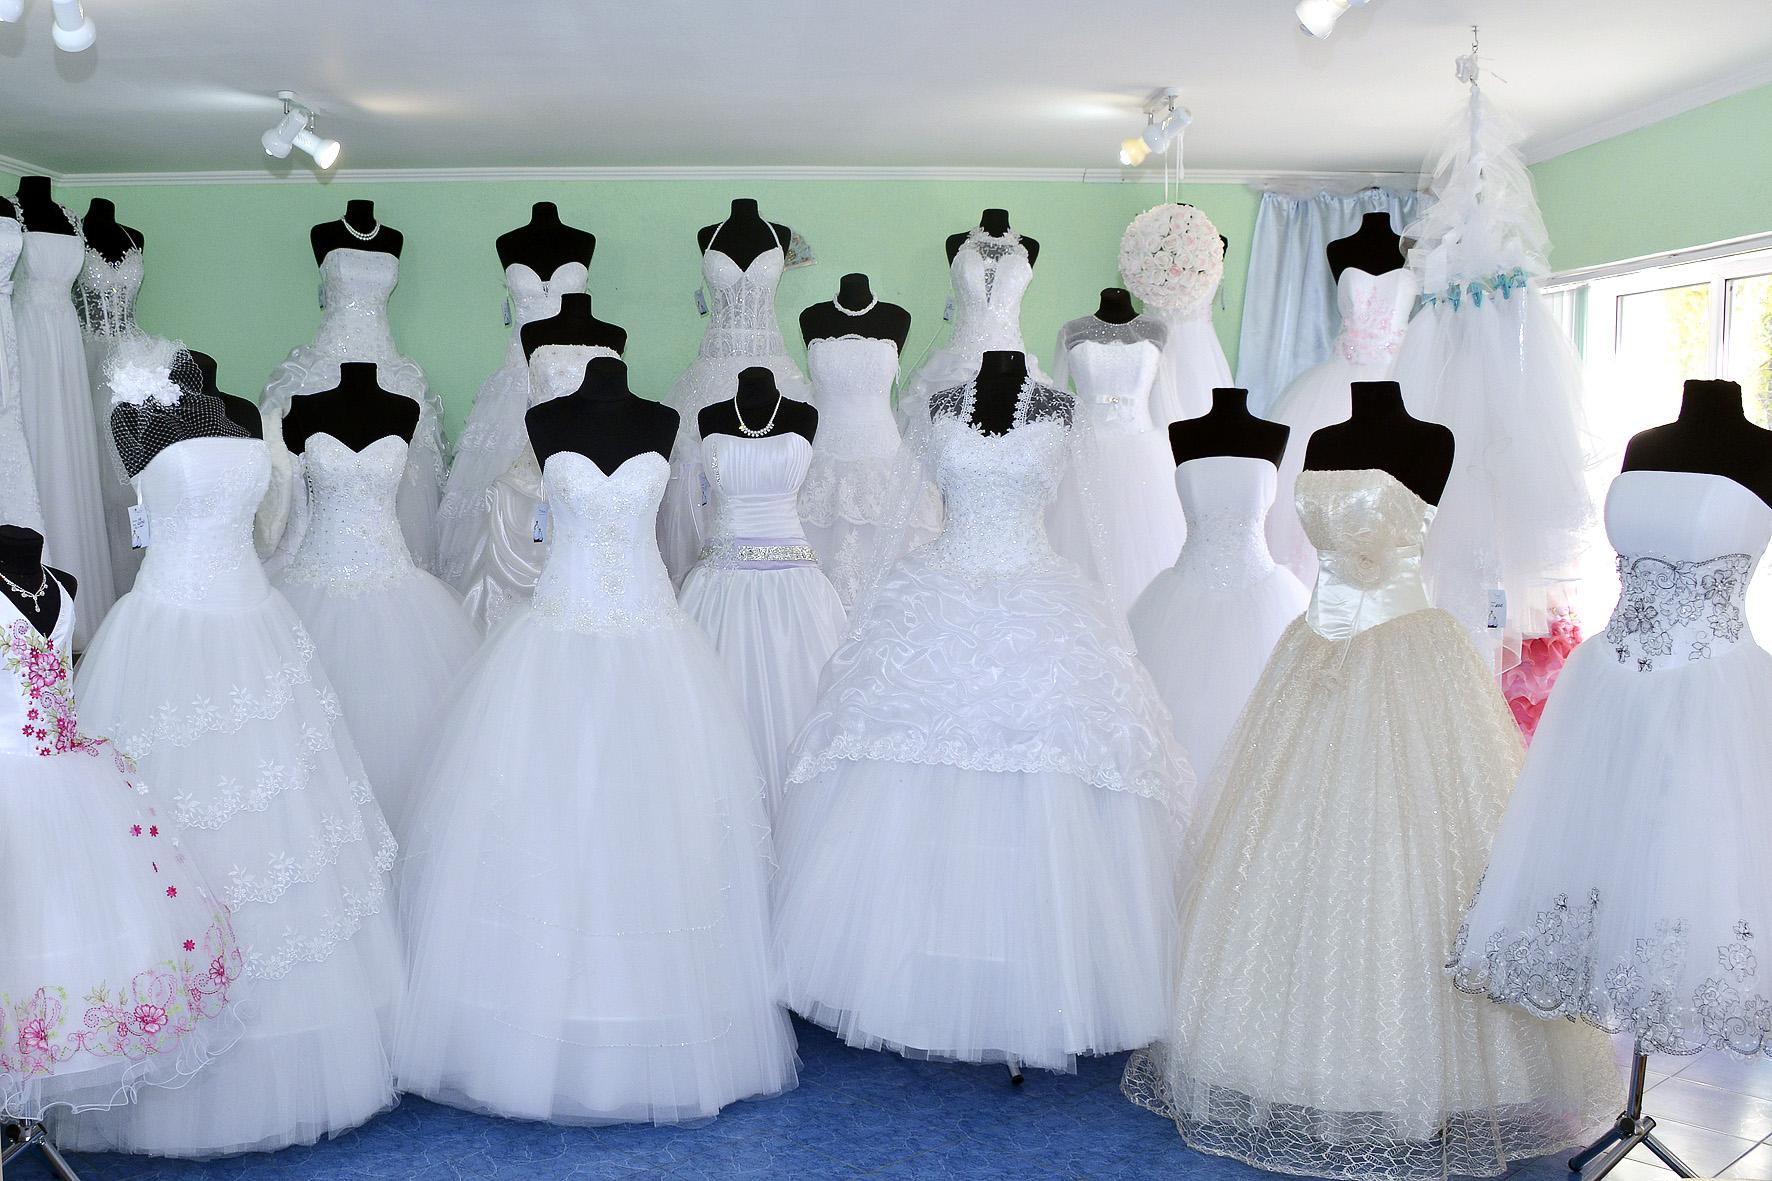 ac3ed14befac1f Не варто їхати на примірку одній, так як вибираючи весільну сукню  самостійно буває складно прийняти правильне рішення. Щоб почути дійсно  об'єктивну пораду, ...